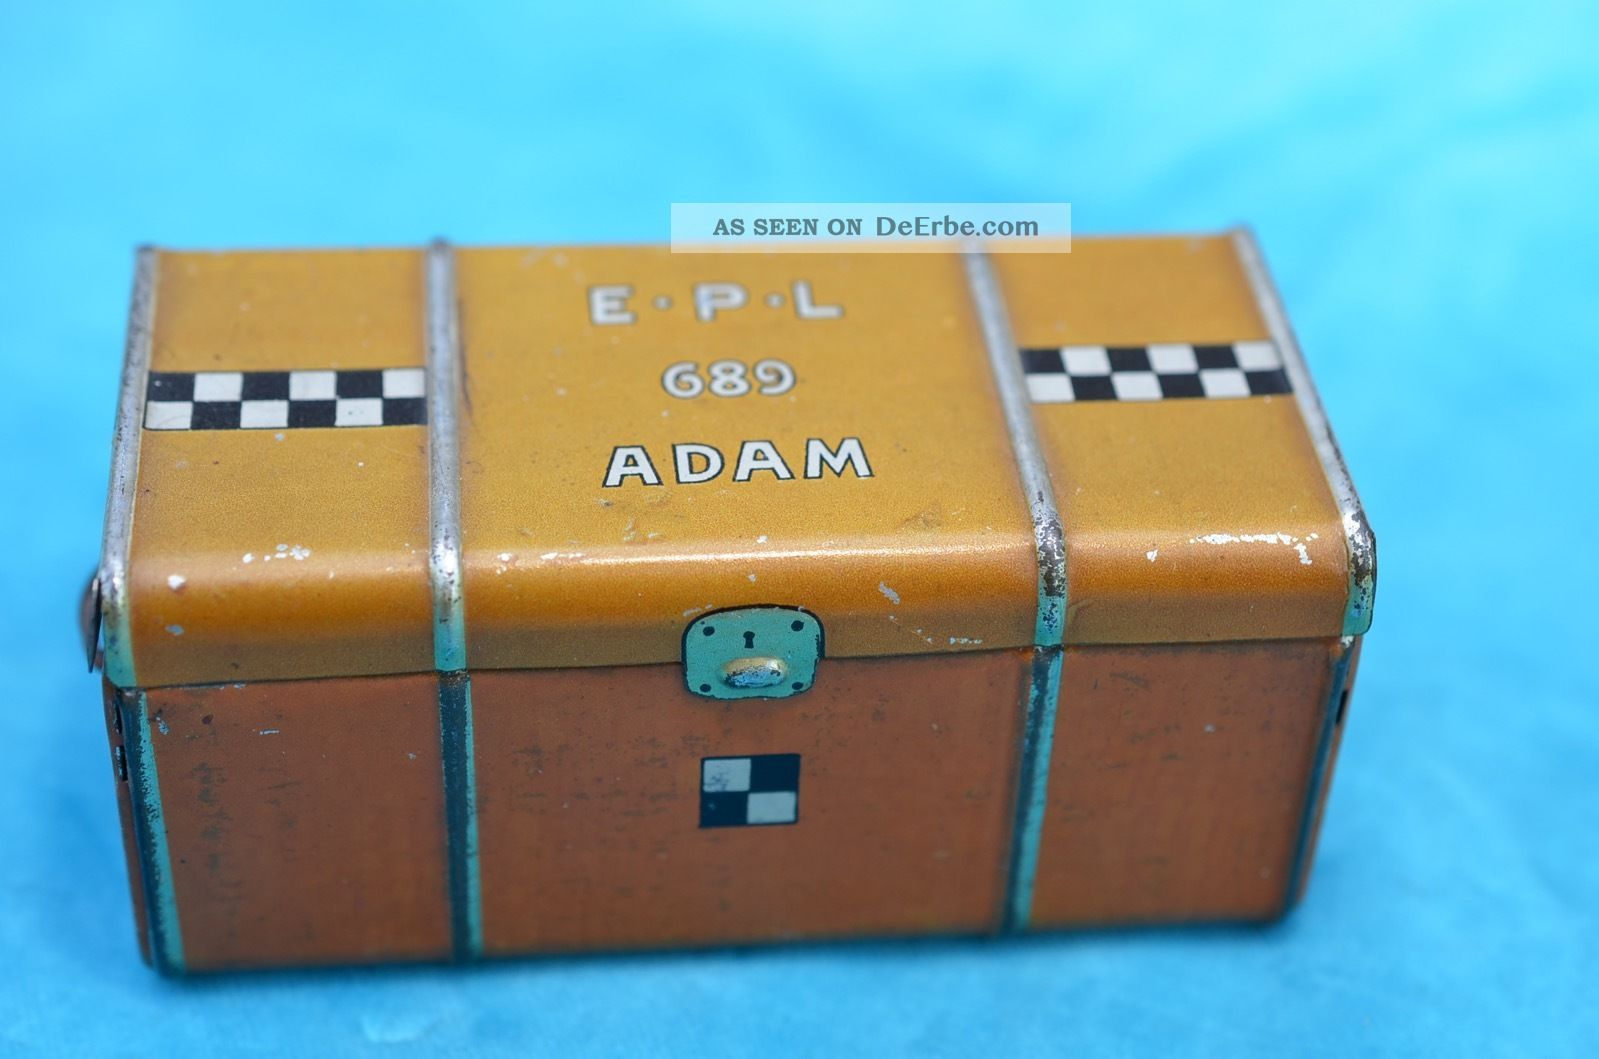 Blechspielzeug Lehmann Epl 689 Koffer Für Adam Kofferfahrer Original, gefertigt 1945-1970 Bild